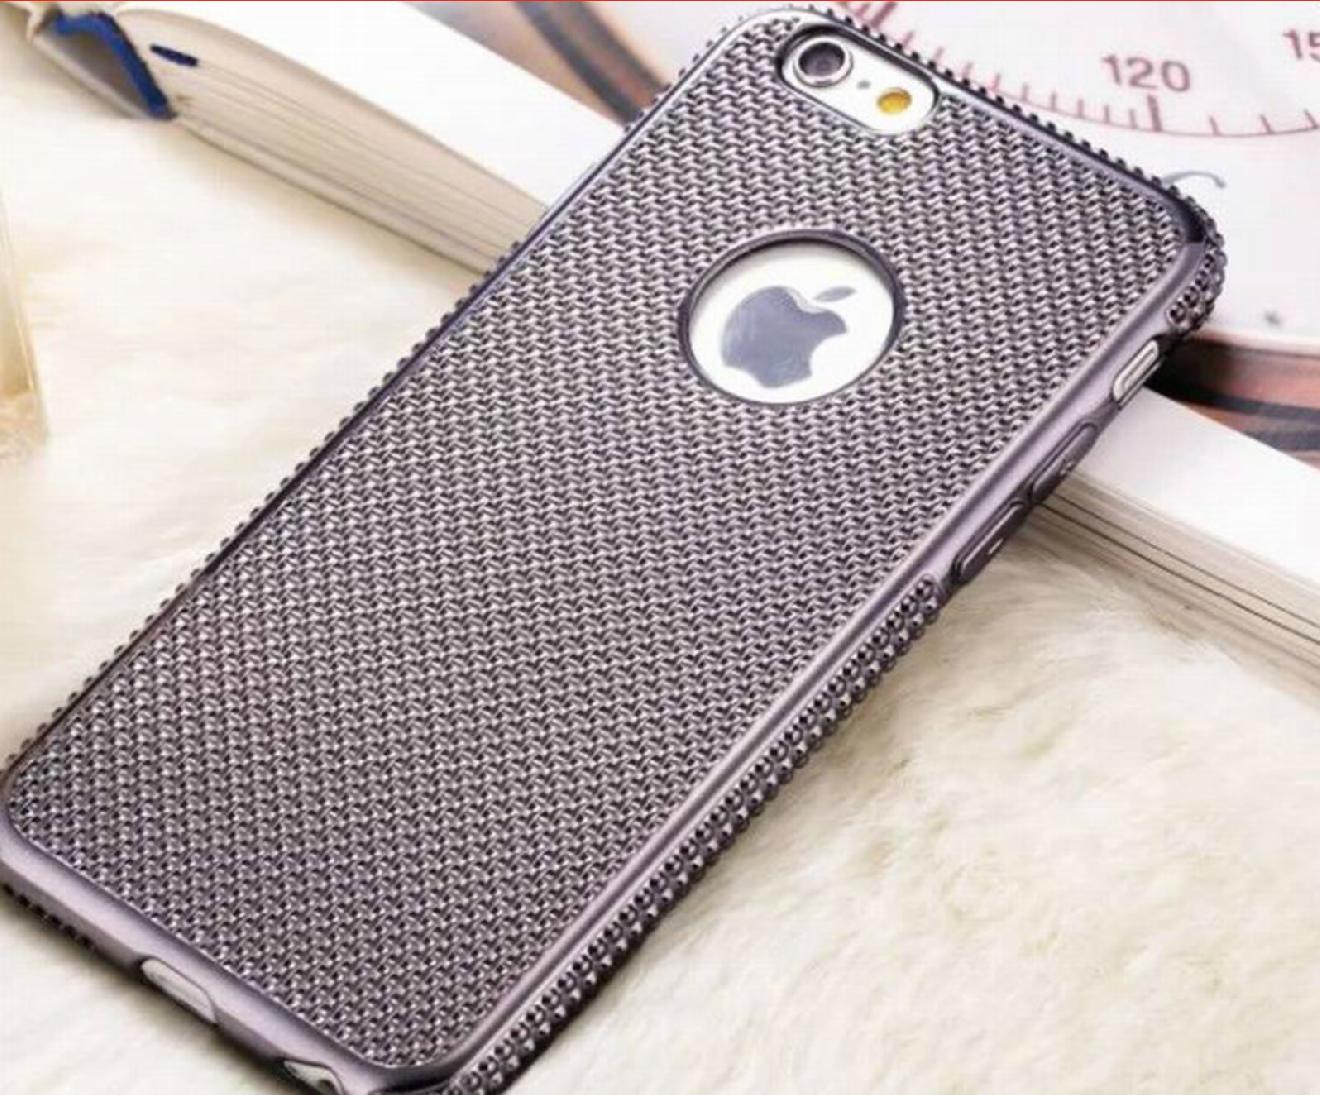 Kryt Metal Jelly pro iPhone 6 PLUS / 6S PLUS Barva: Space Grey